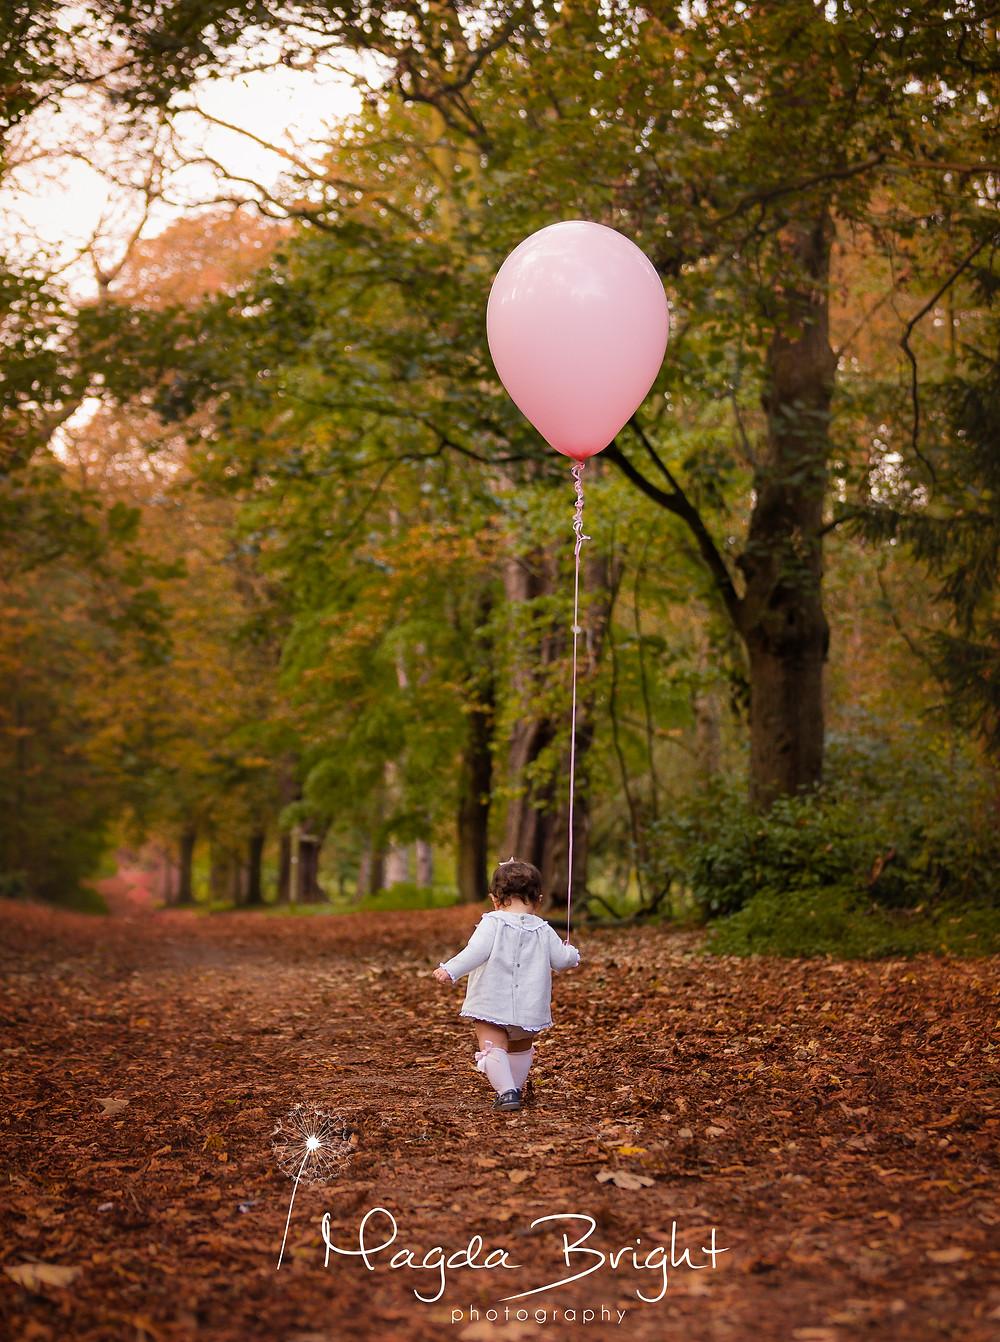 Balloon photos outdoors, cake smash alternative